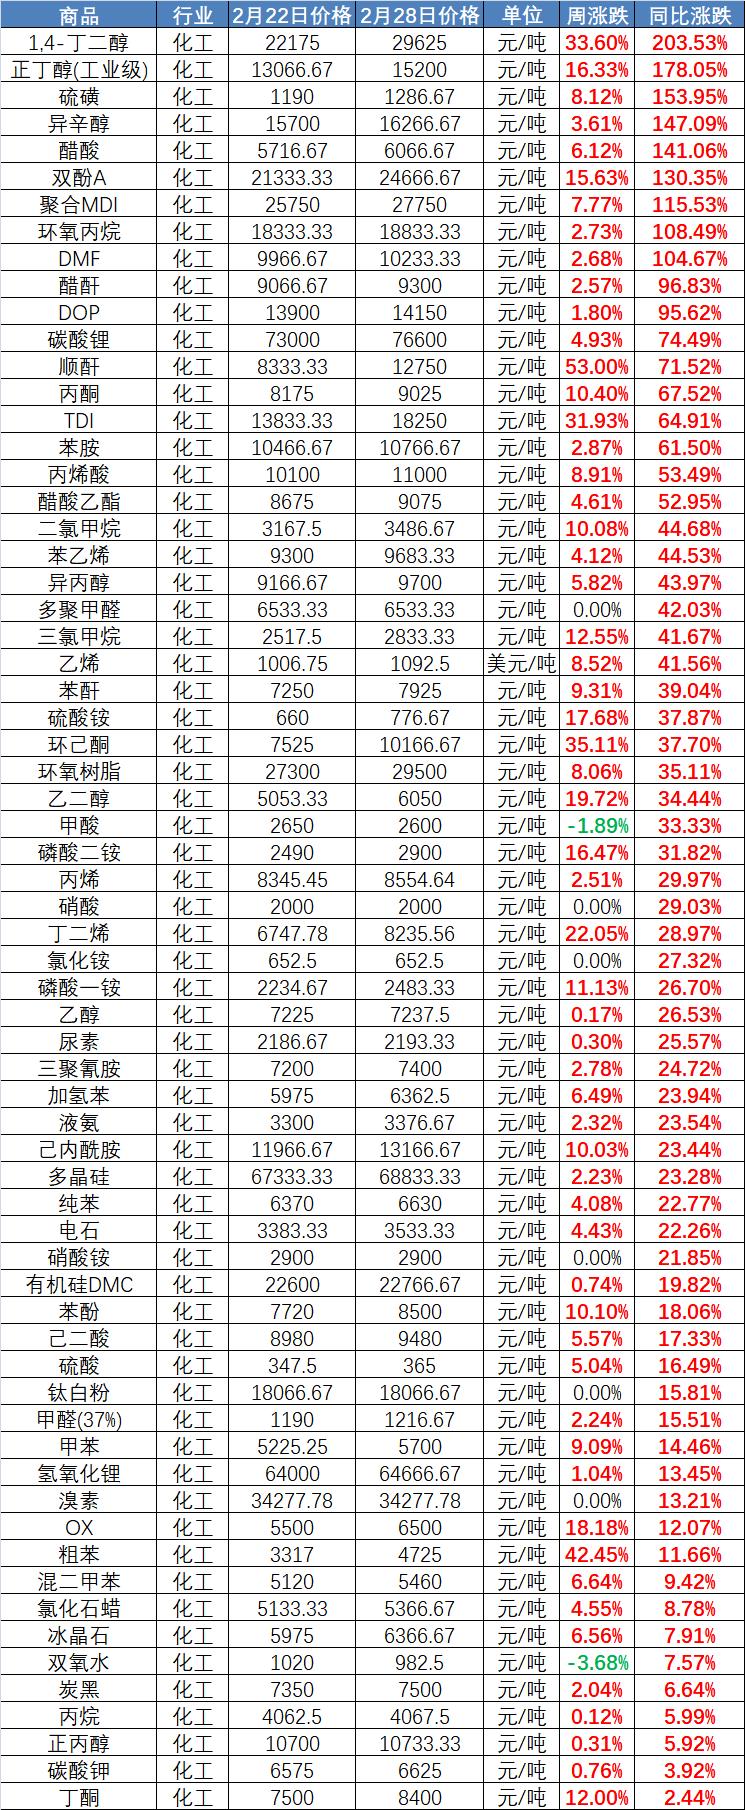 部分原材料价格同比涨幅情况表